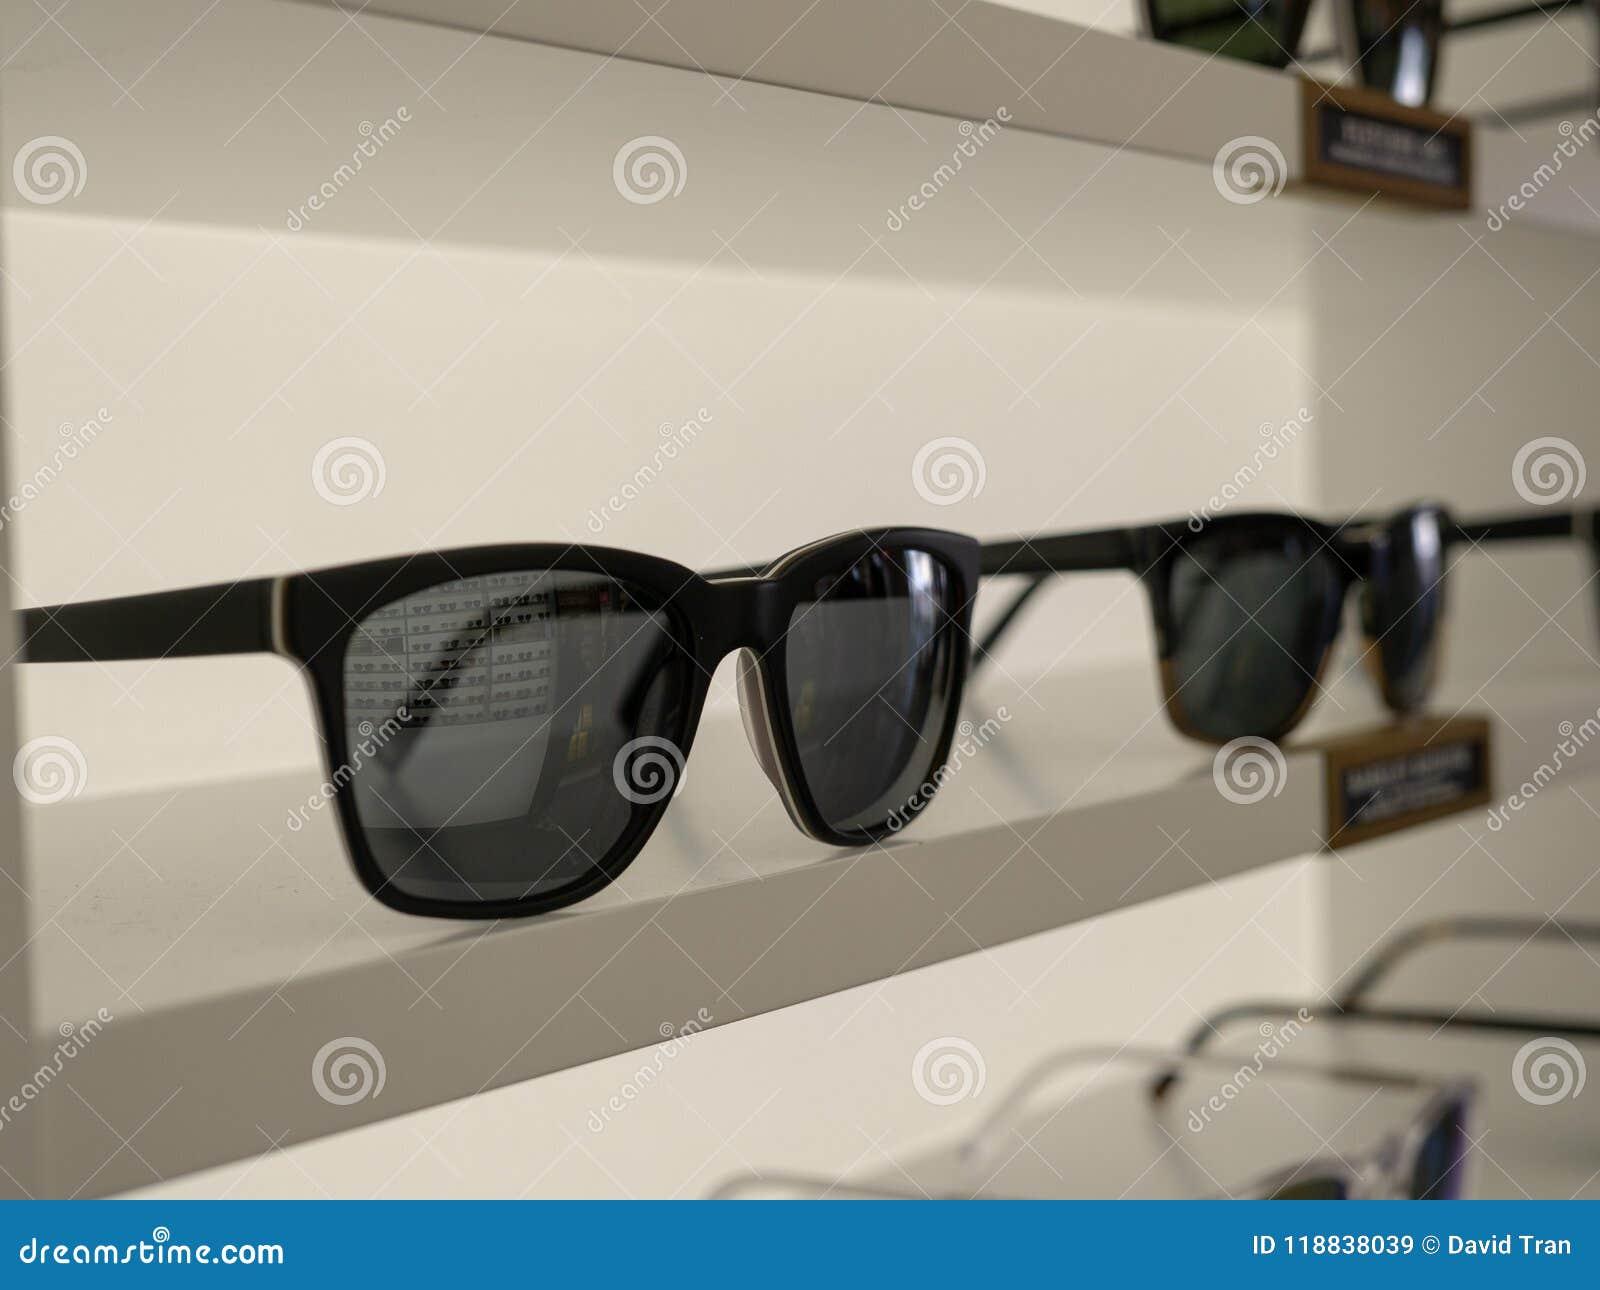 Солнечные очки на дисплее в выставочном зале магазина с отражением sur